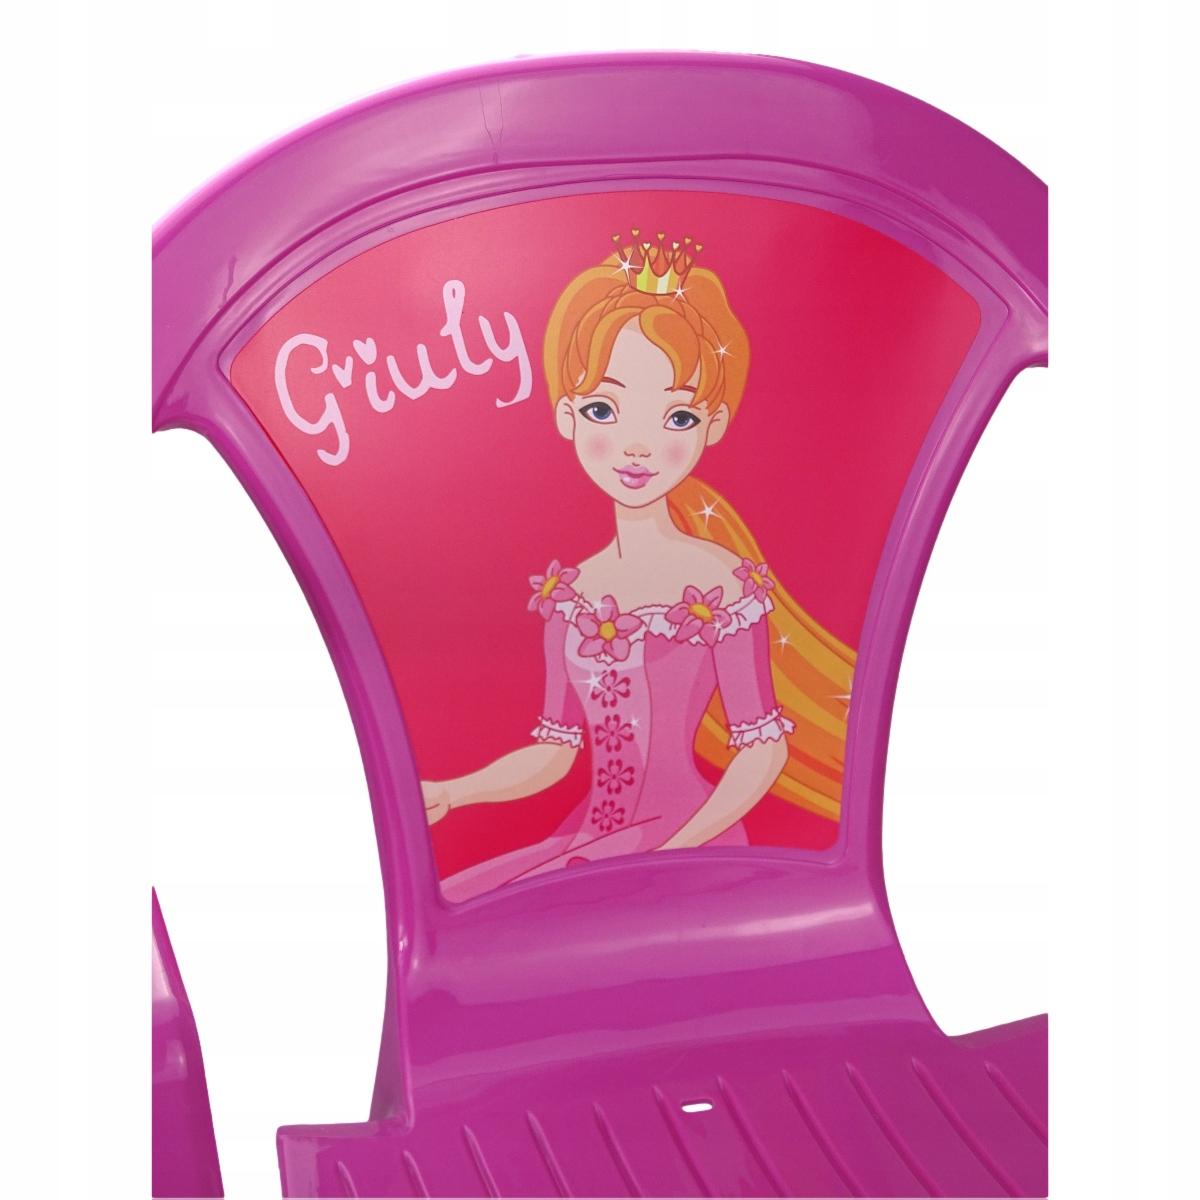 krzesełko dla dzieci z motywem Różowe do 30 kg Płeć Chłopcy Dziewczynki